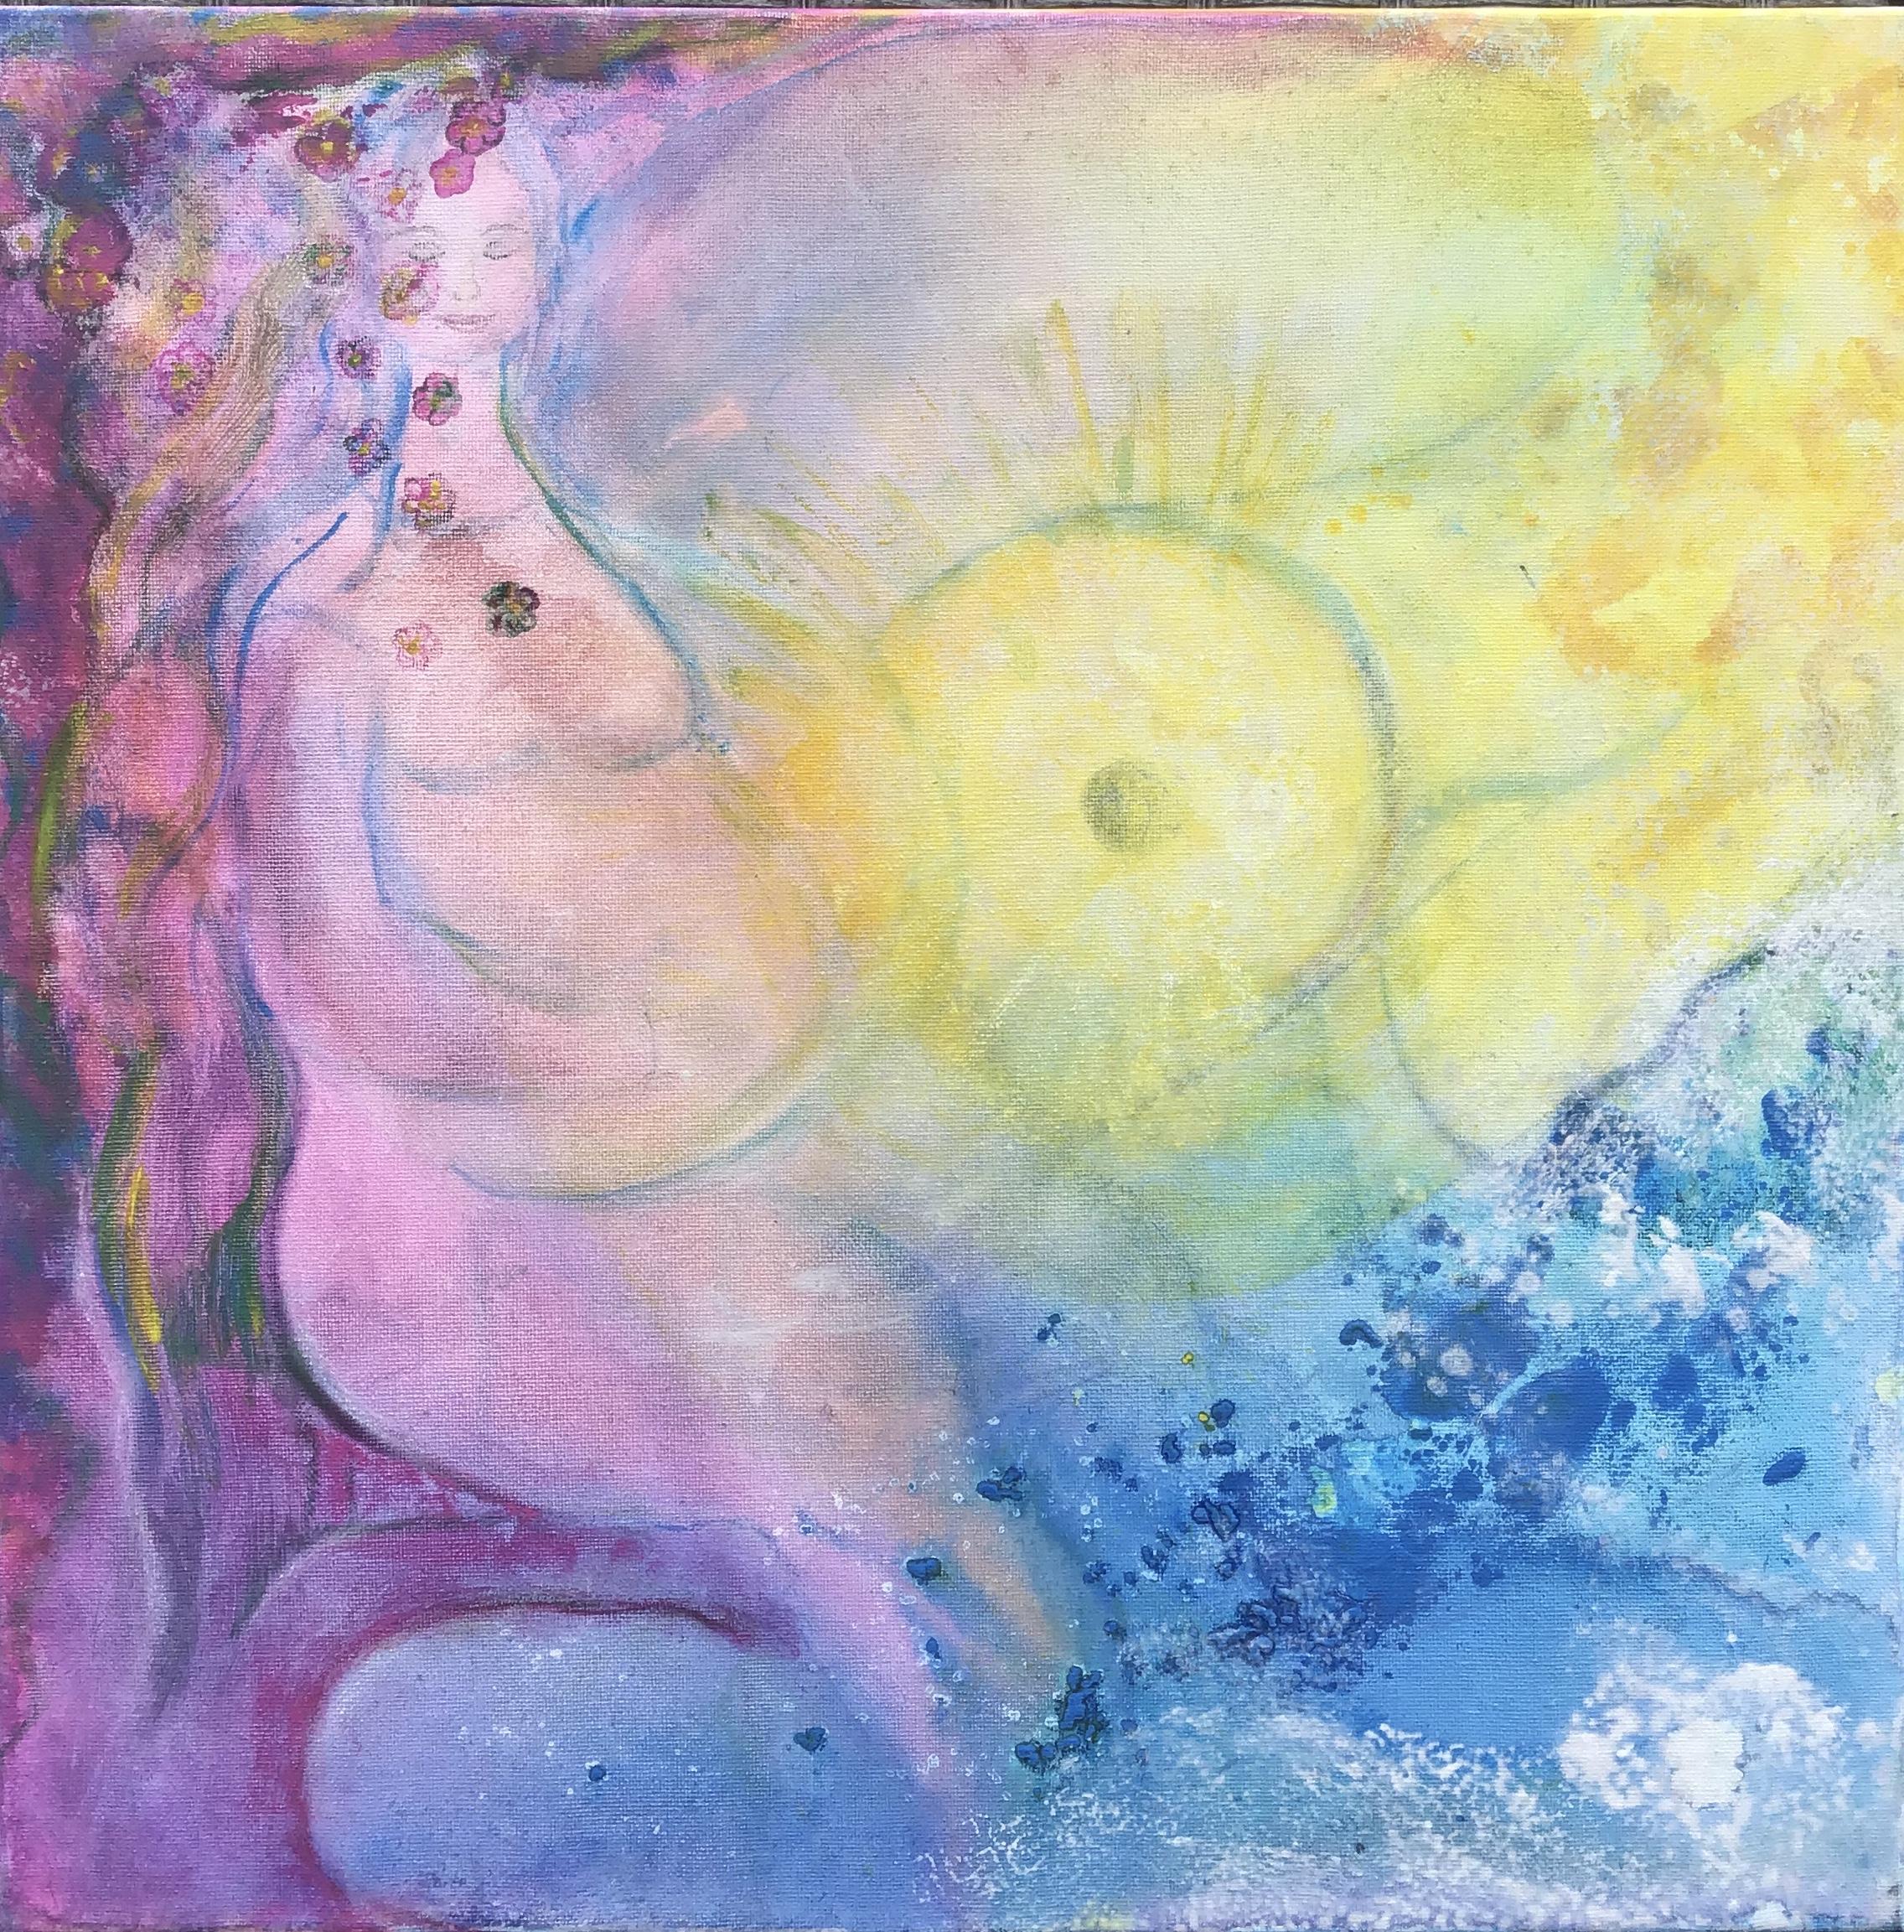 Schöpfung - Original Energiebild